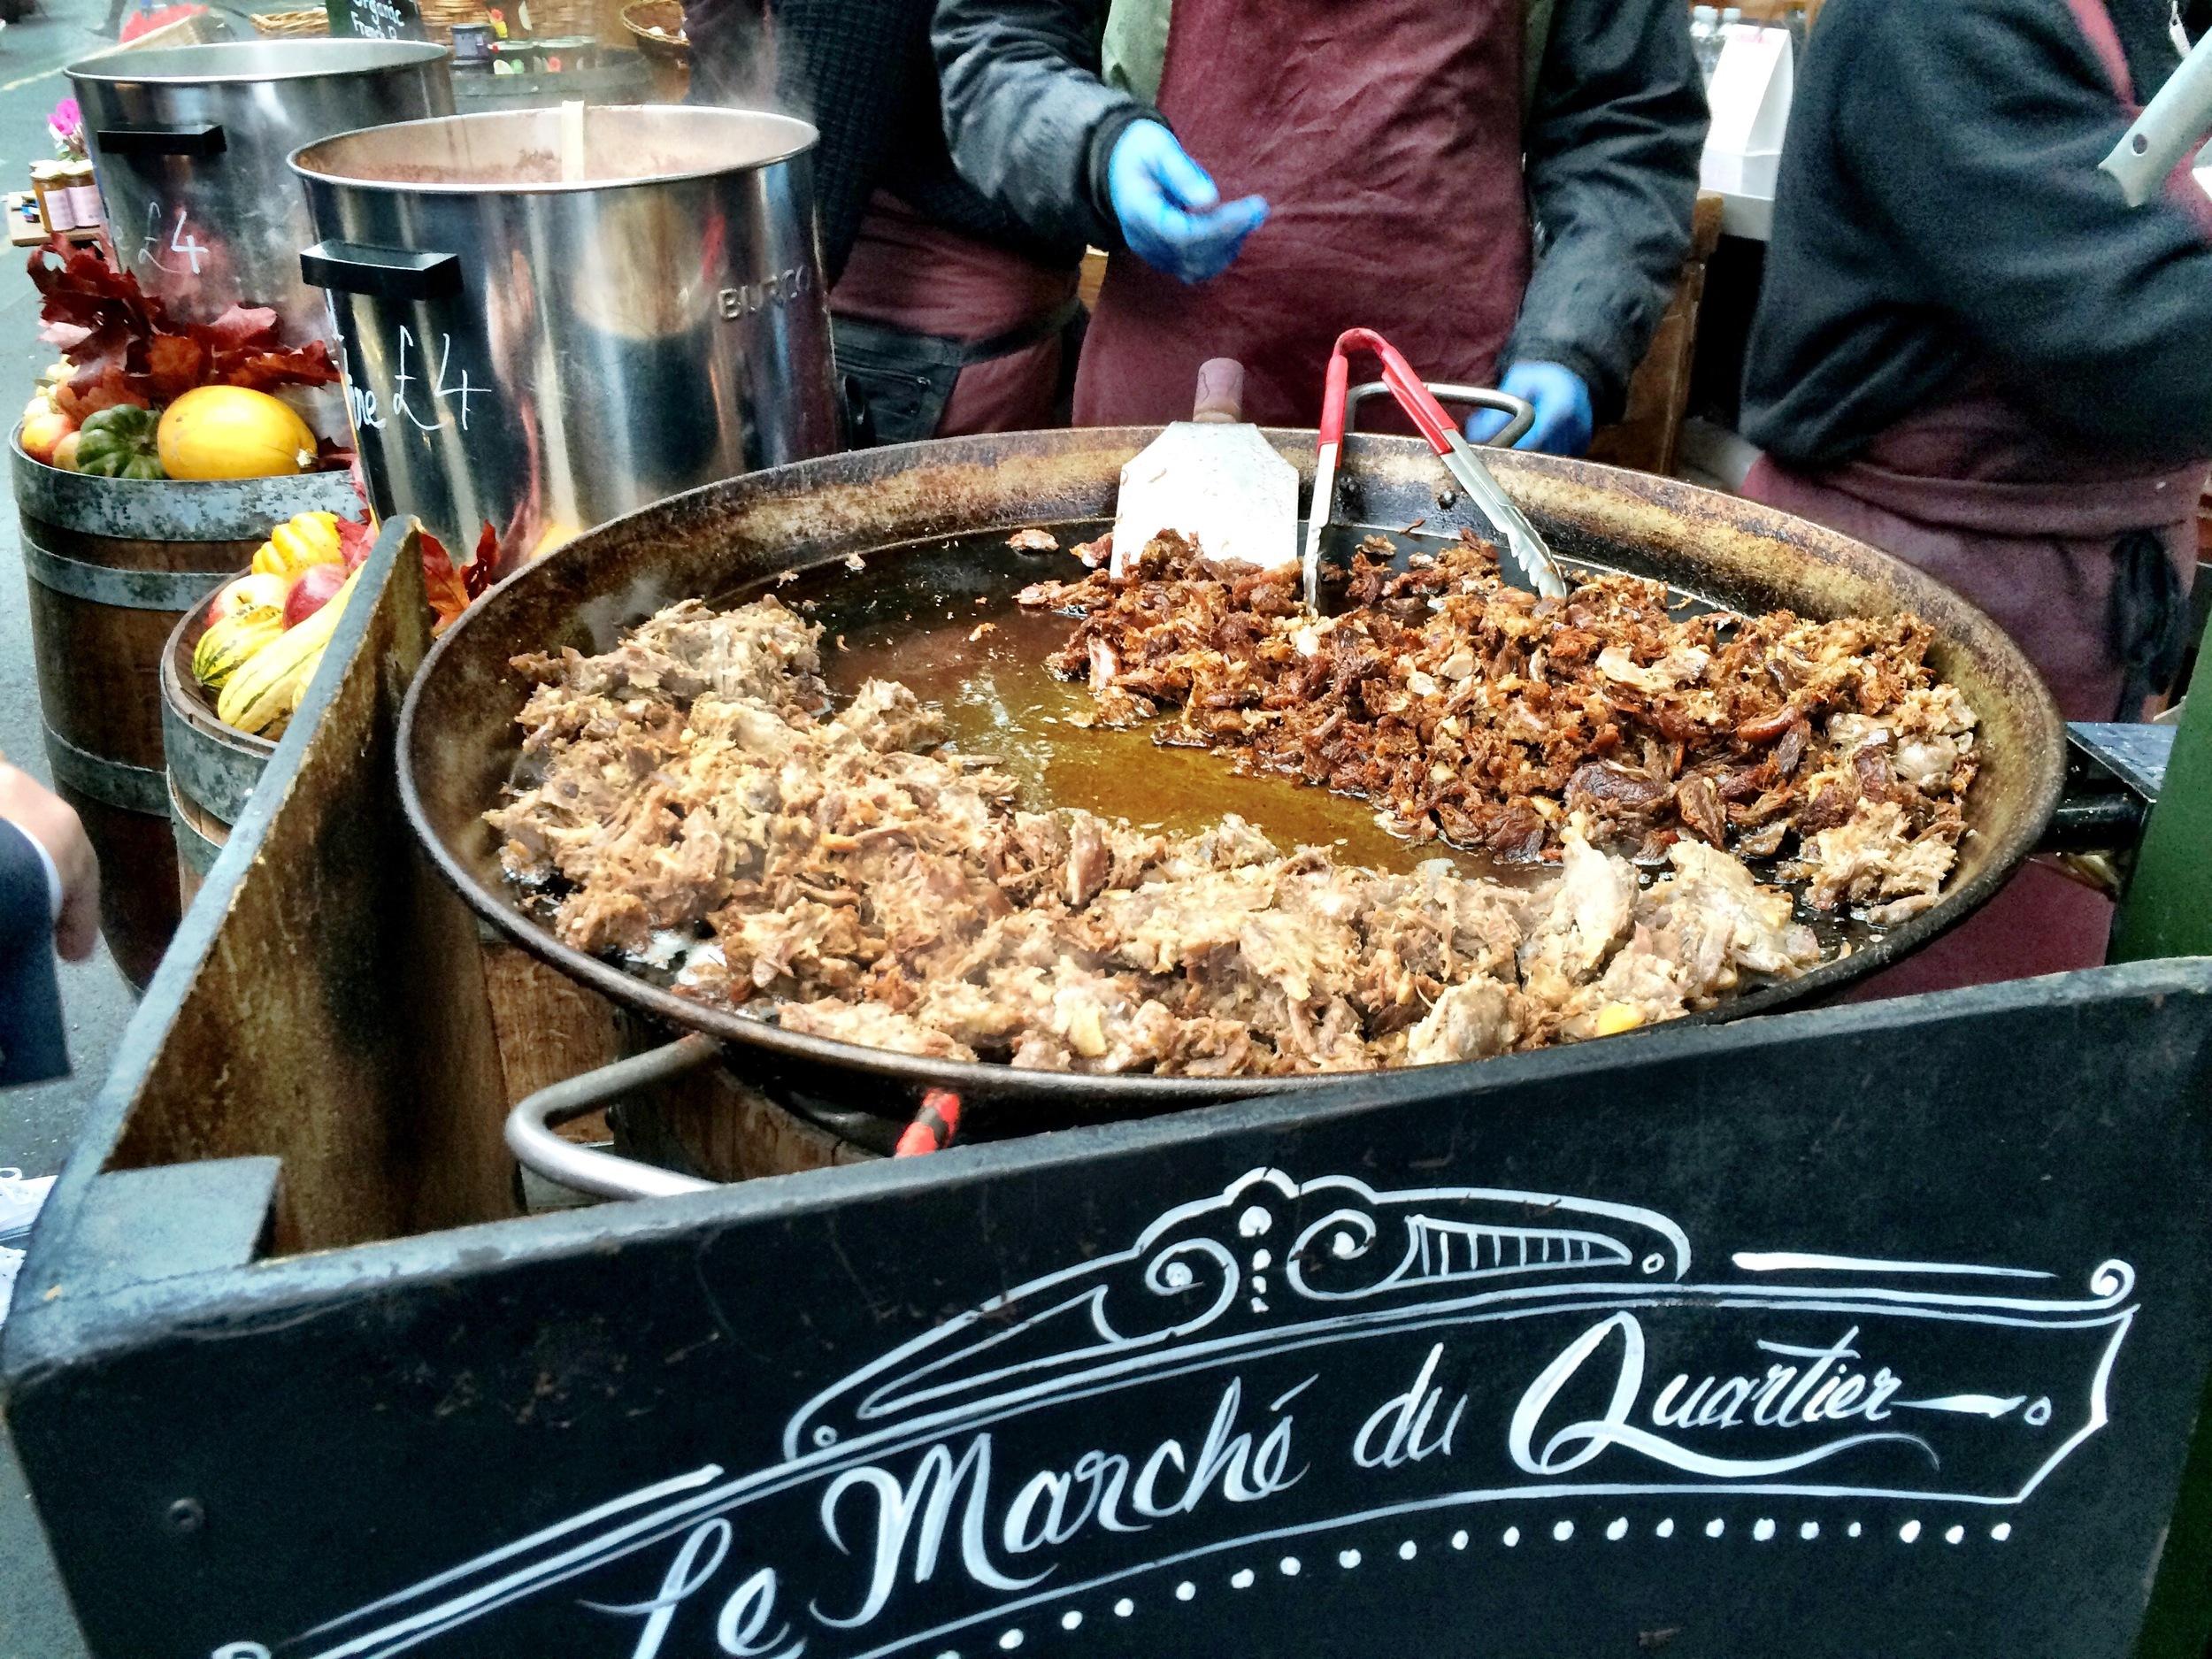 Le Marche Du Quartier - Borough Market. London